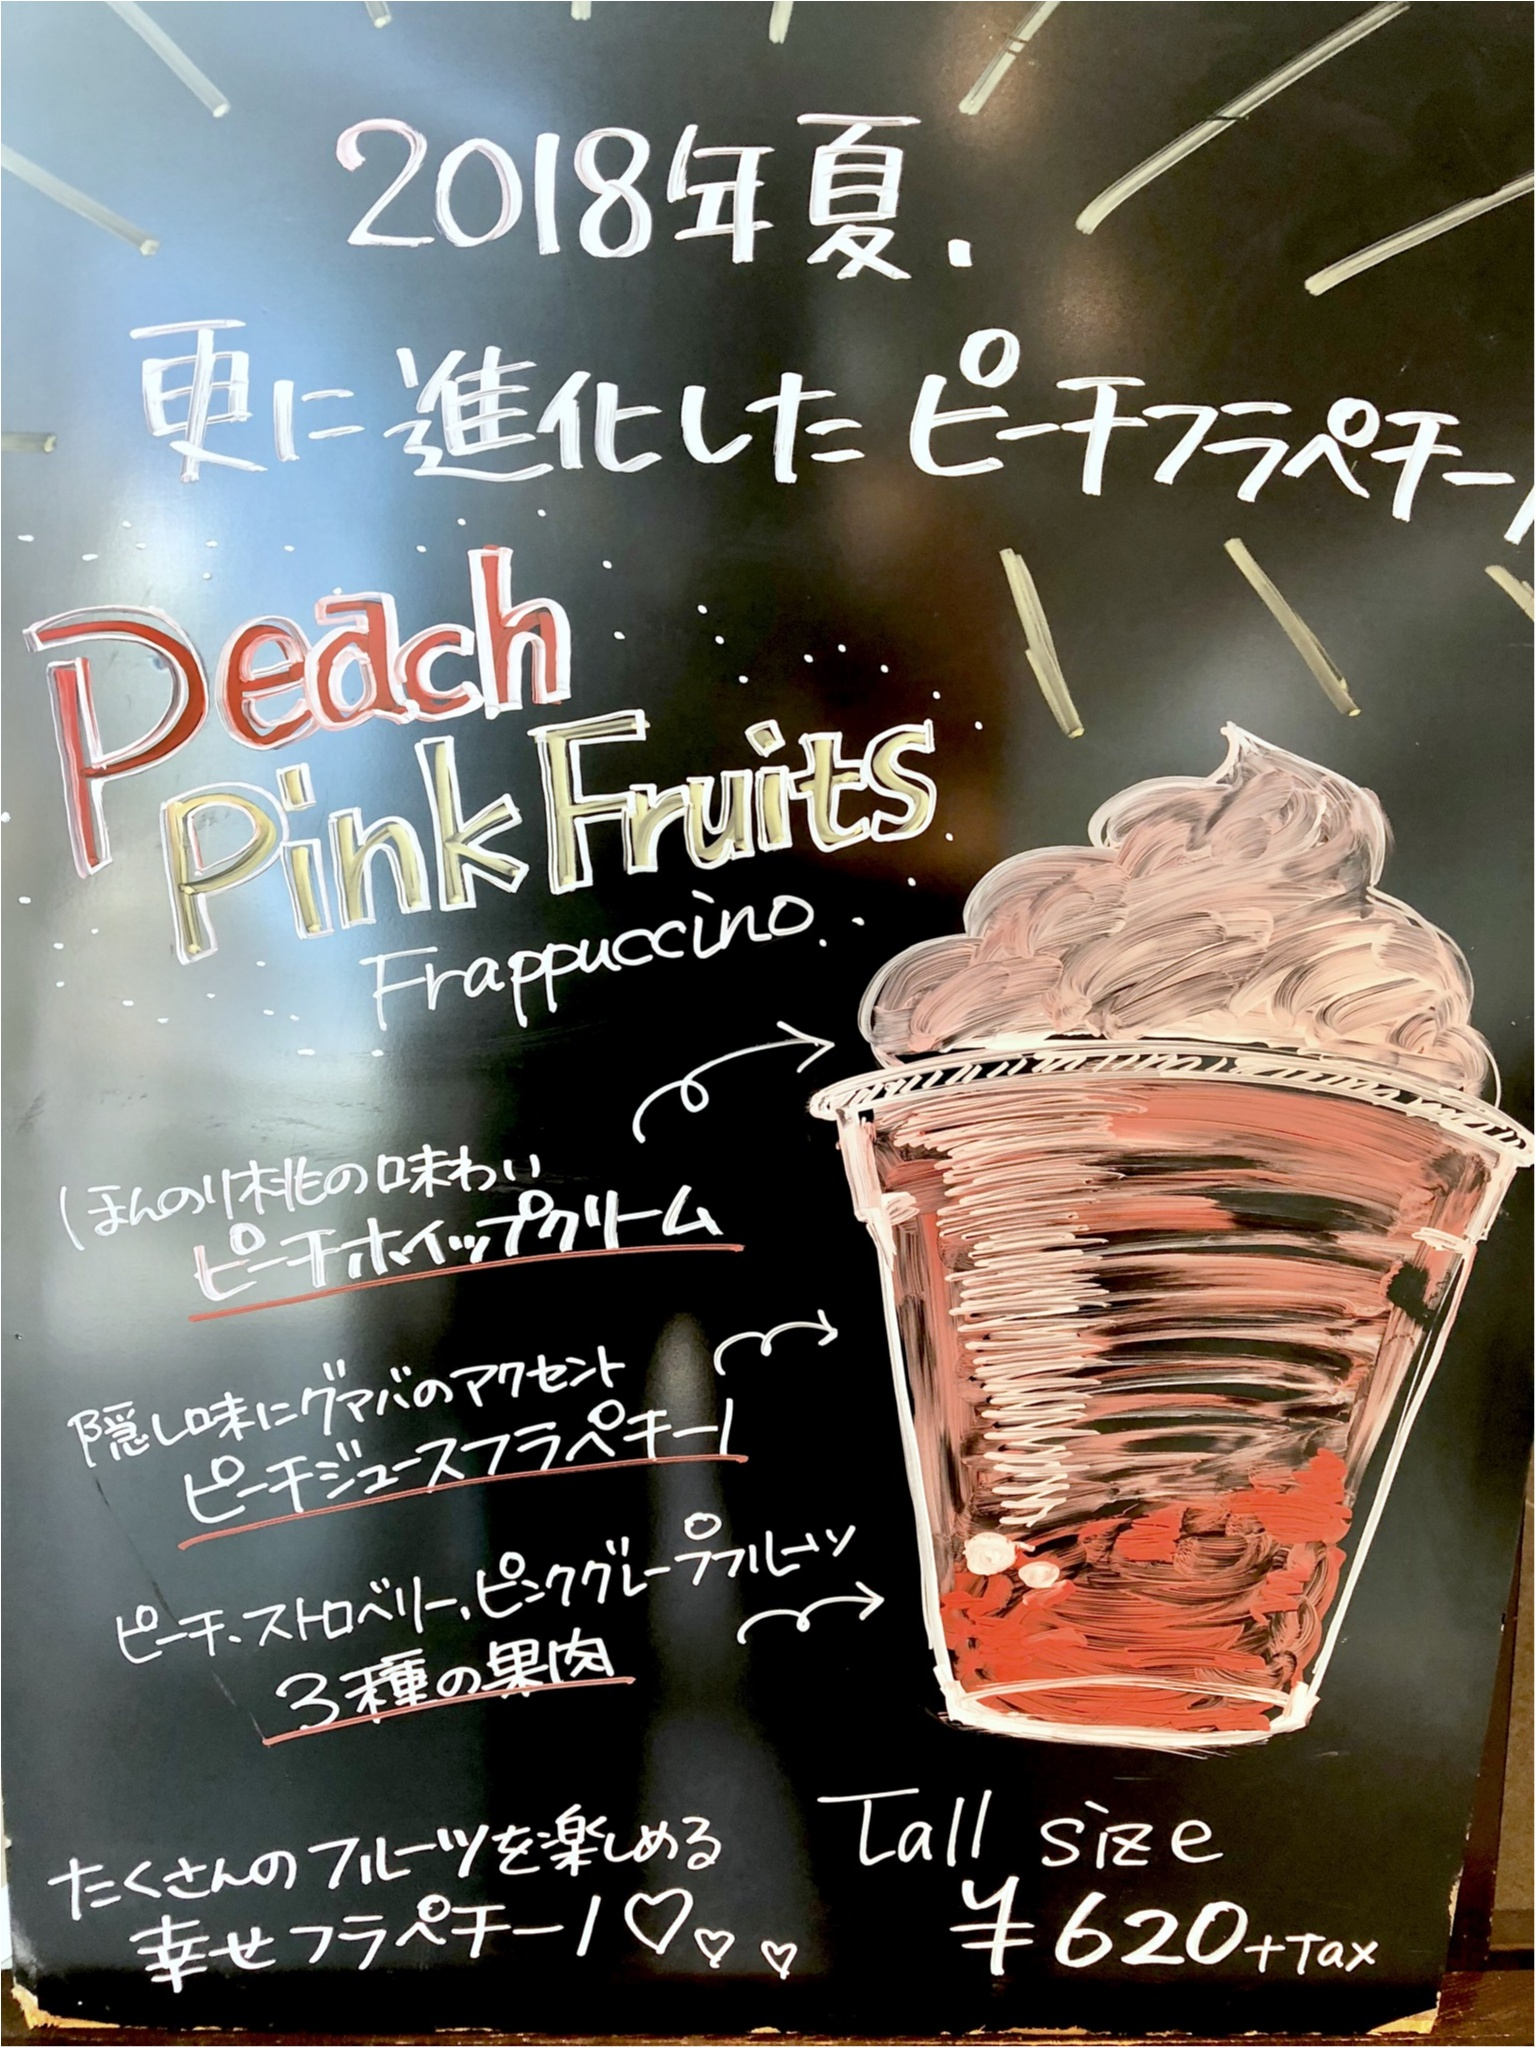 【スタバ】待ってました!!新作《ピーチピンクフルーツフラペチーノ》はとにもかくにも幸せの味❤️_2